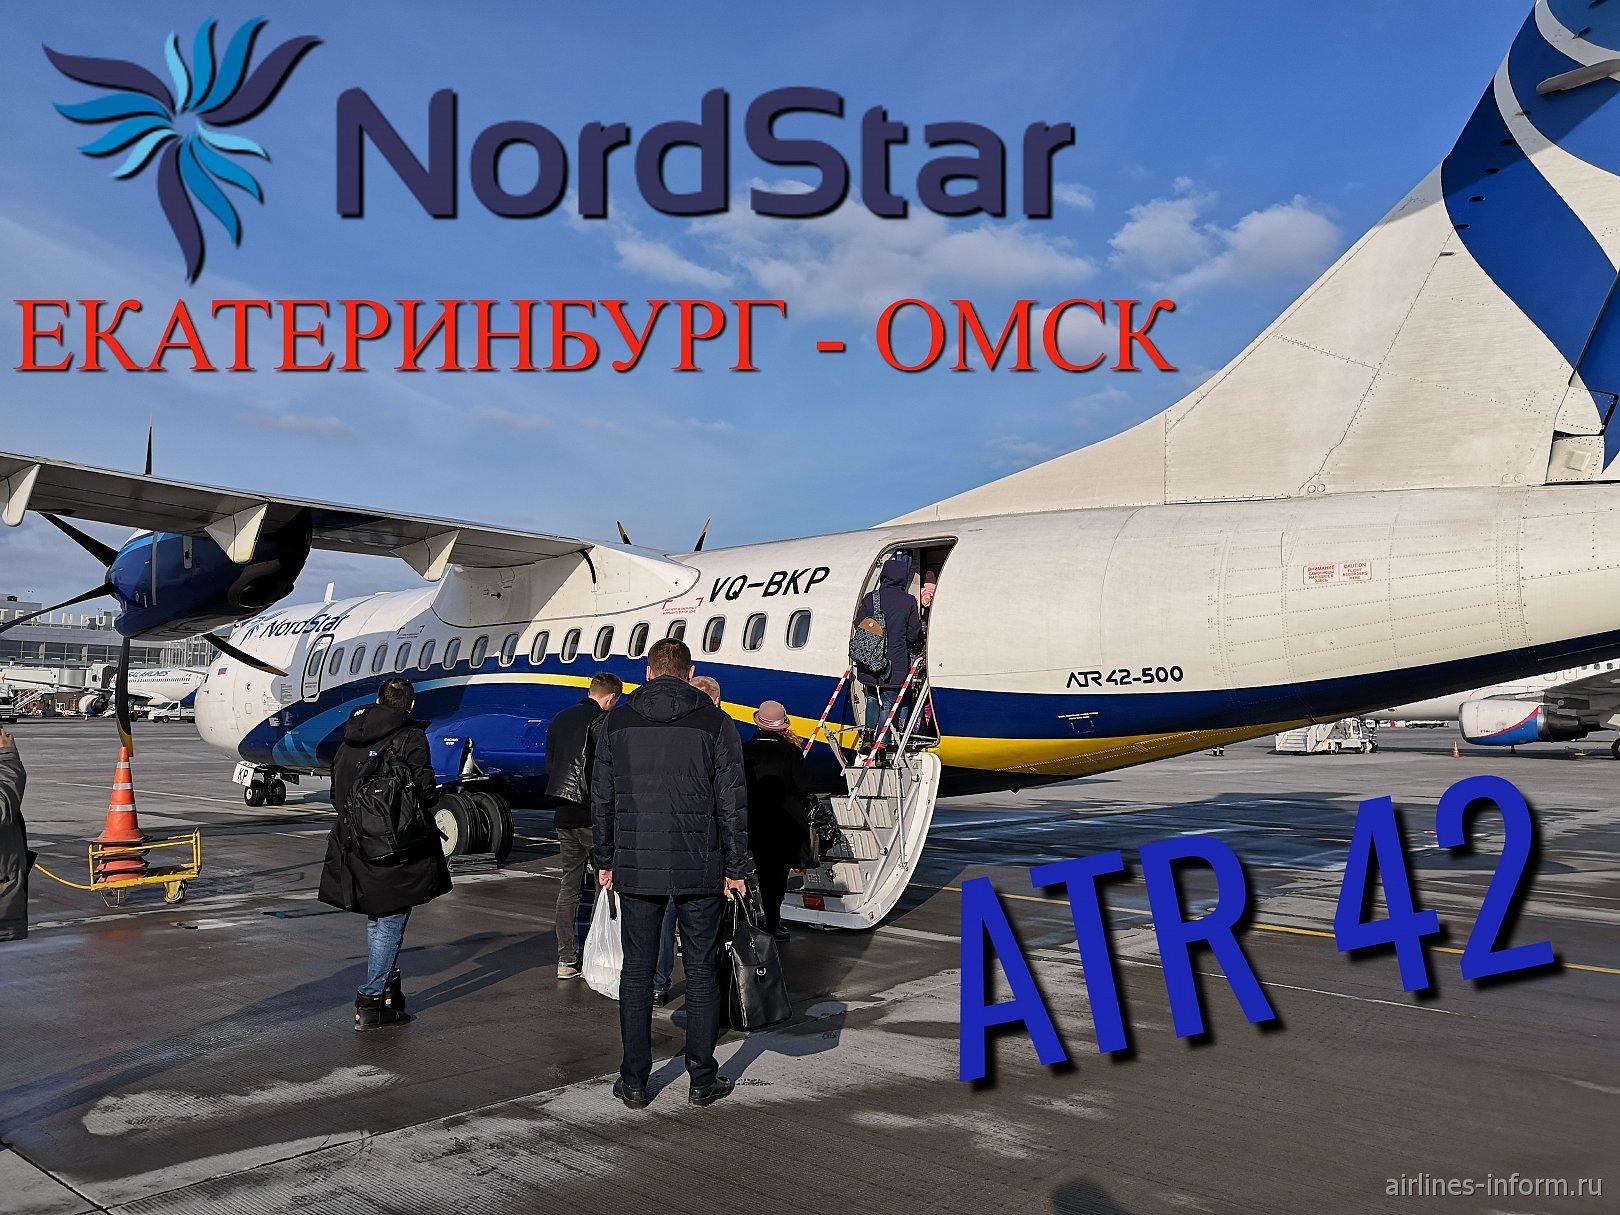 NordStar из Екатеринбурга в Омск на ATR 42